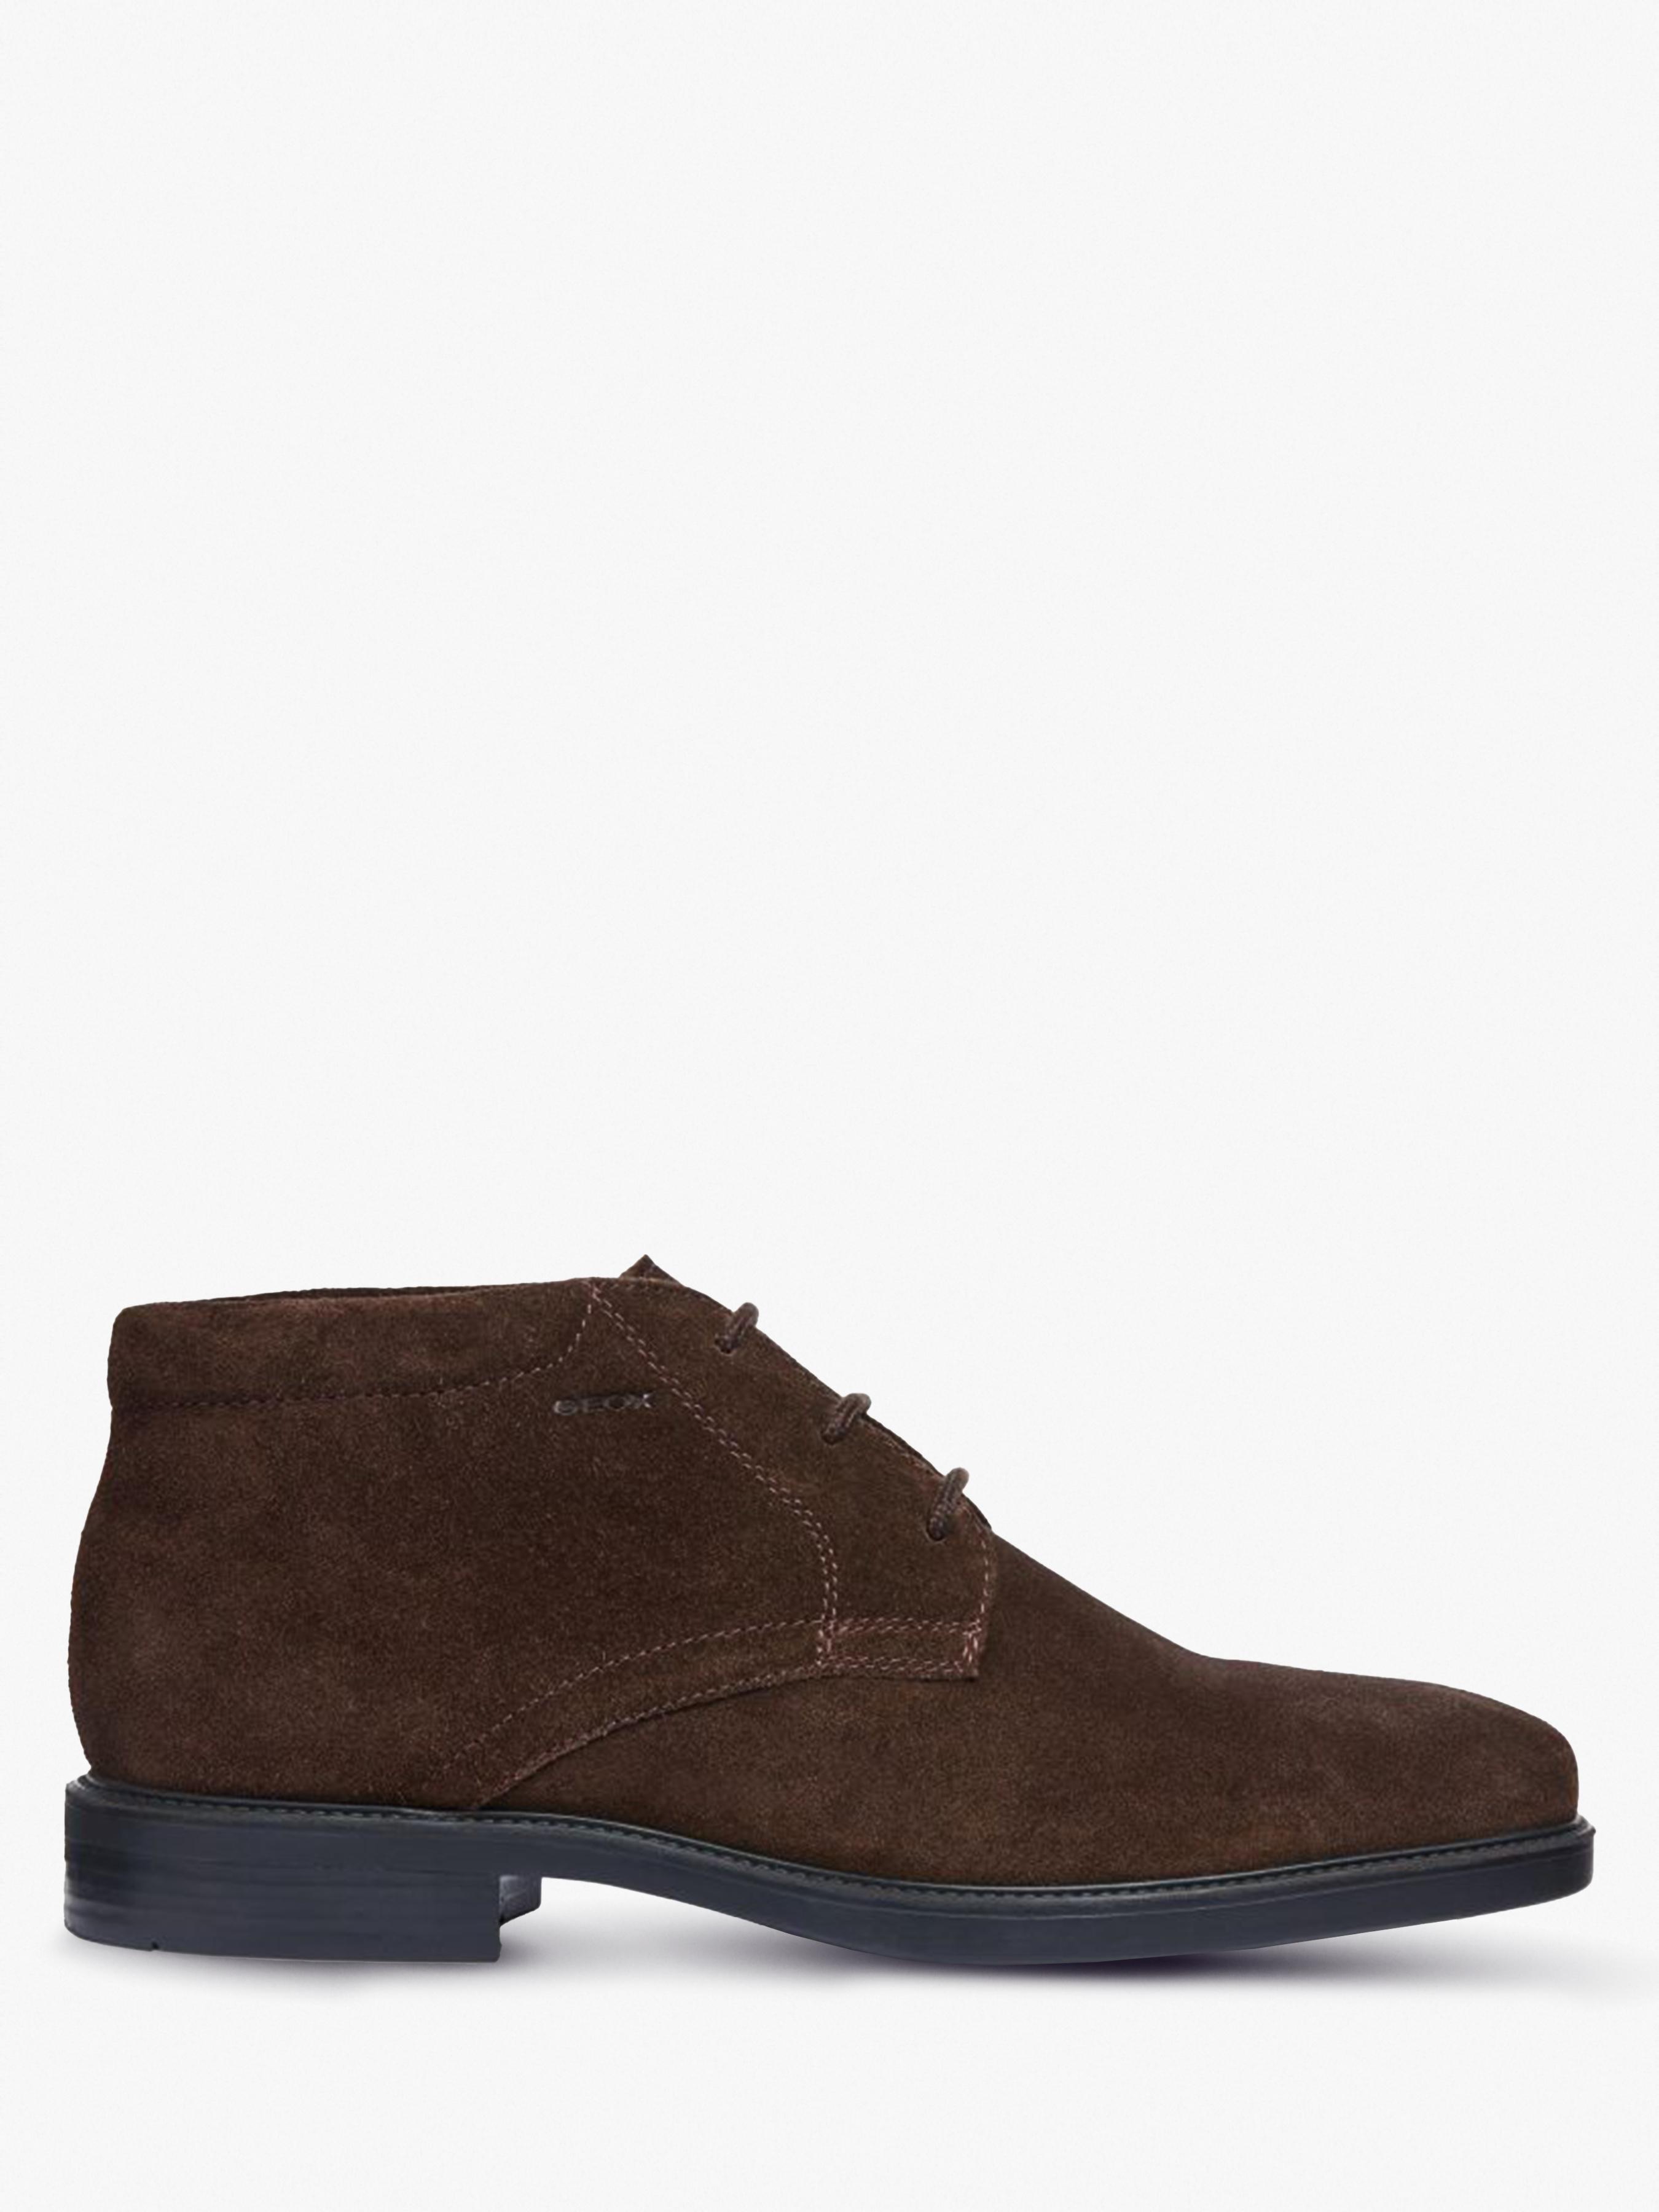 Ботинки для мужчин Geox BRANDOLF XM1881 , 2017